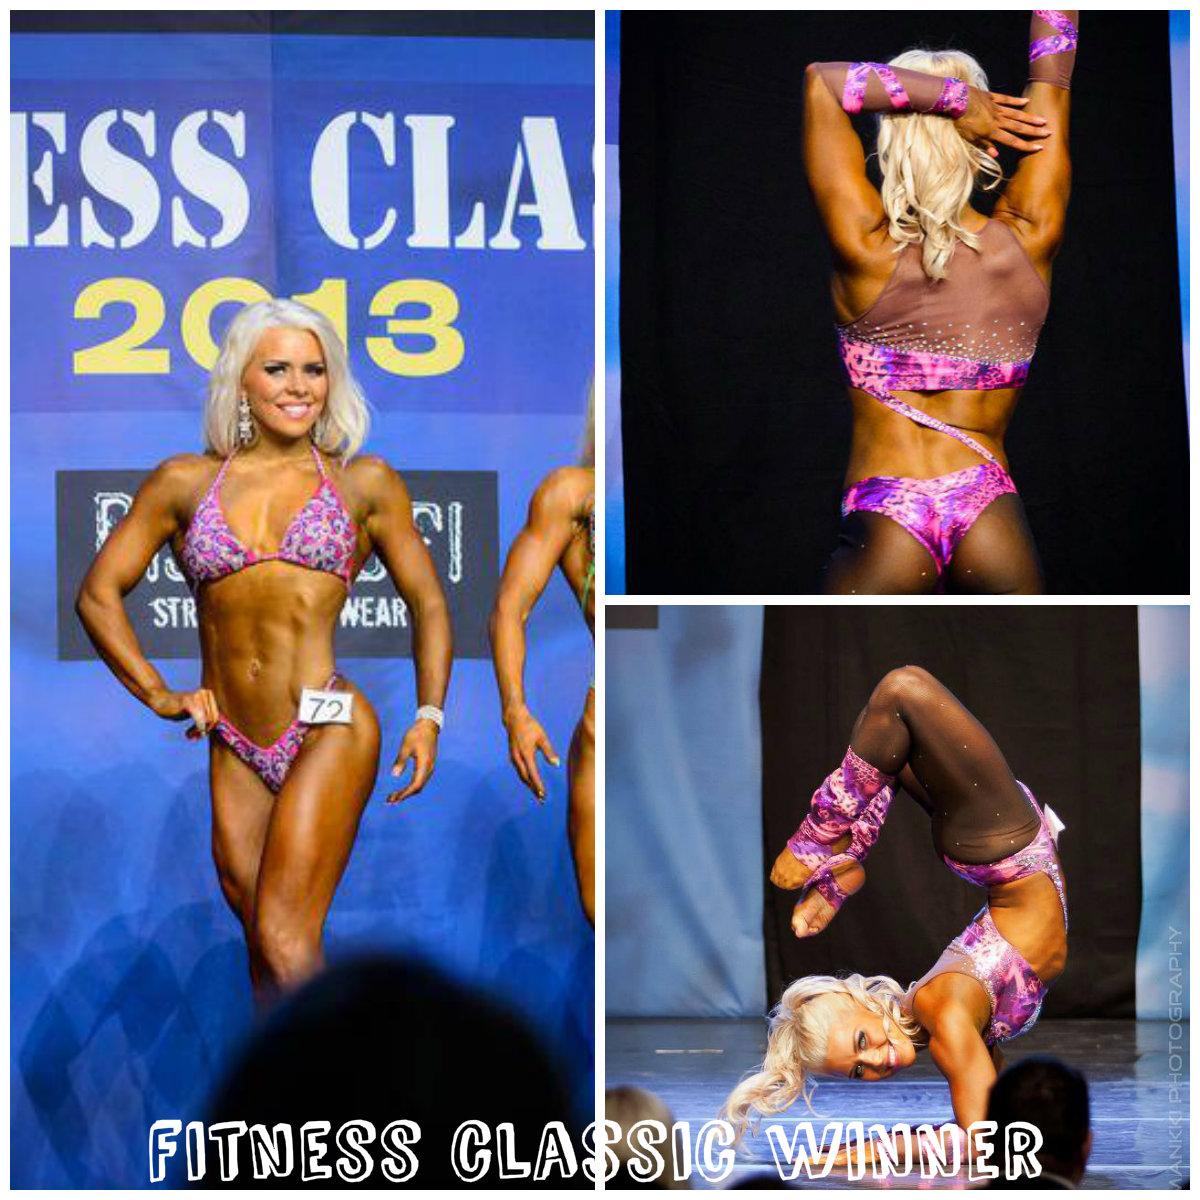 fitnessclassicwinner_eevsku